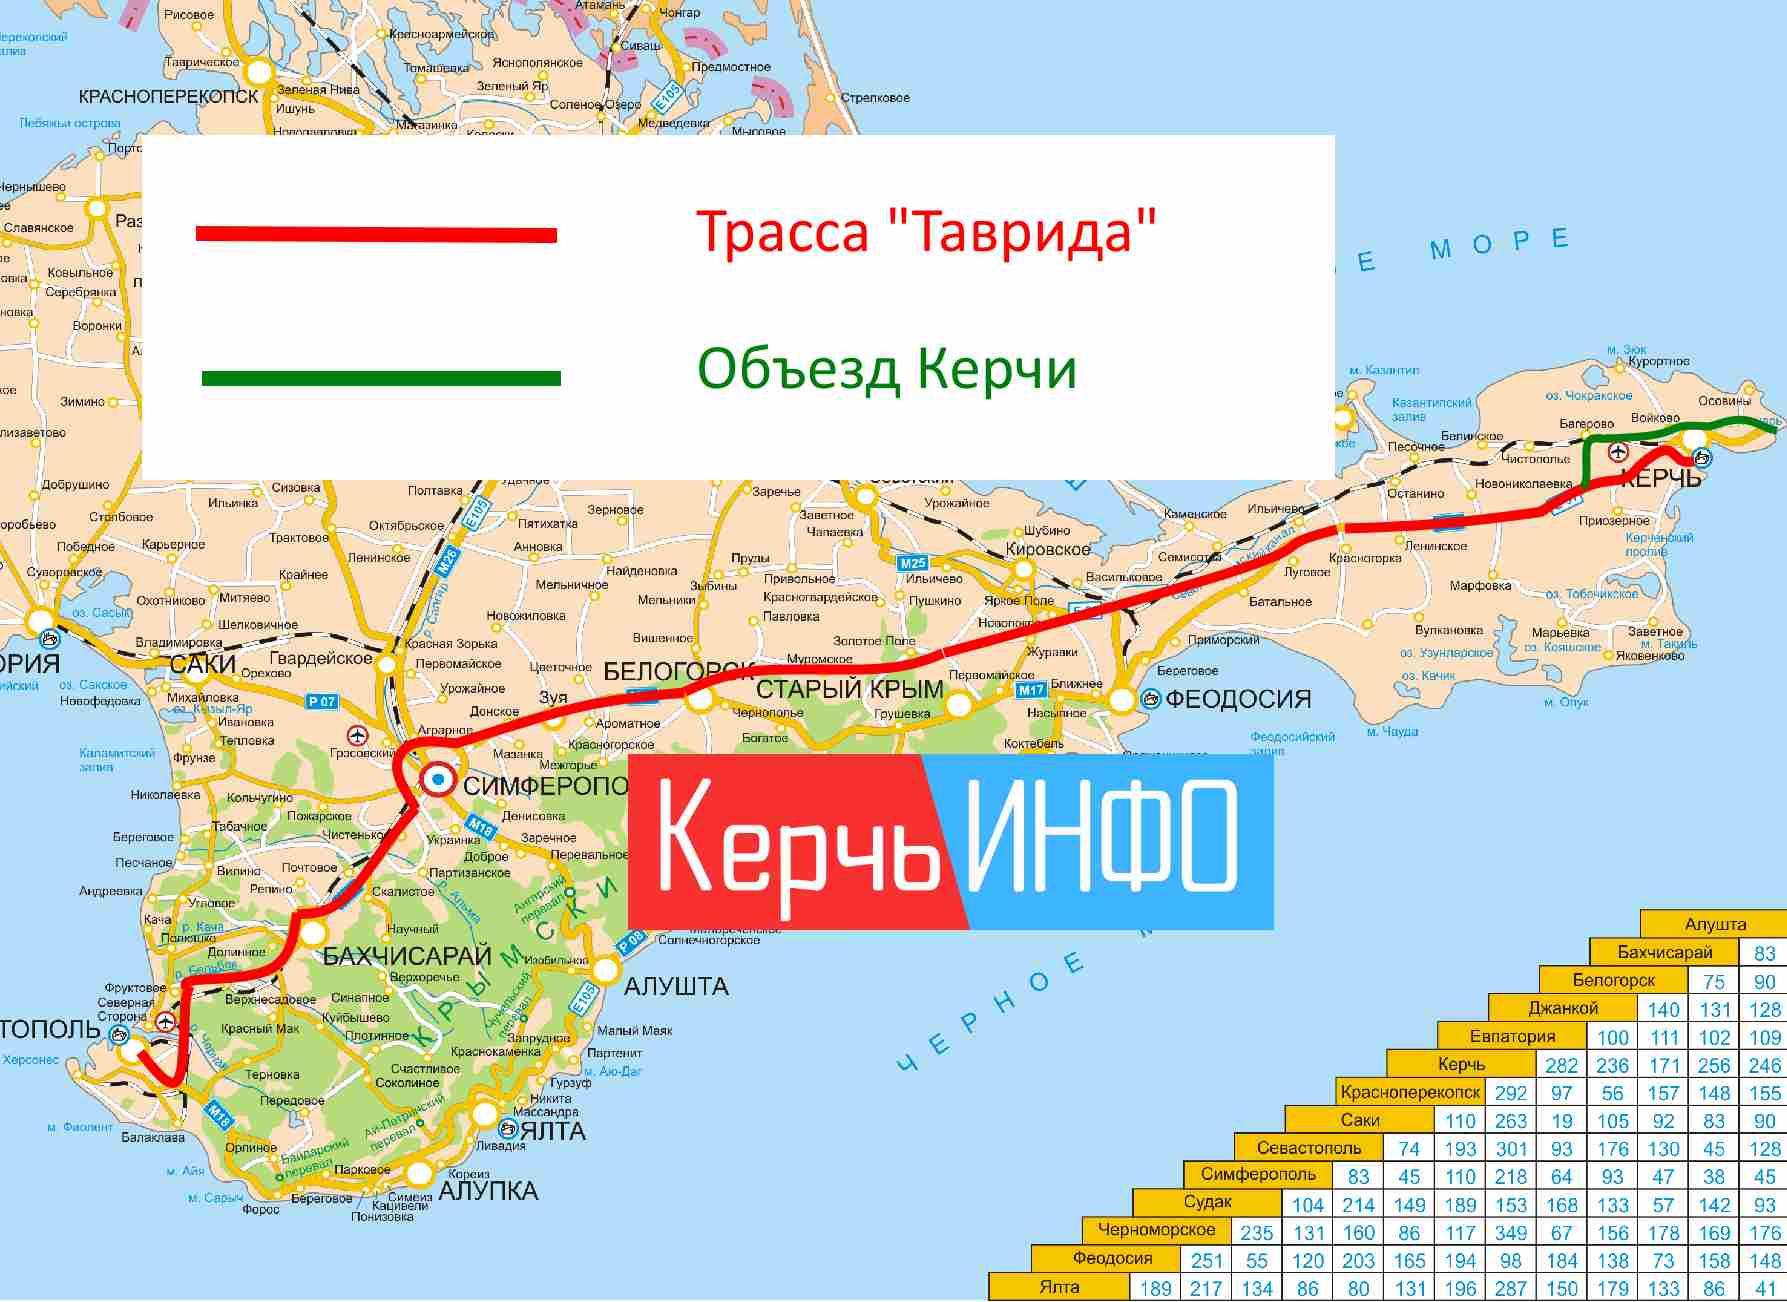 Аксенов рассказал, сколько будет стоить строительство трассы «Таврида»